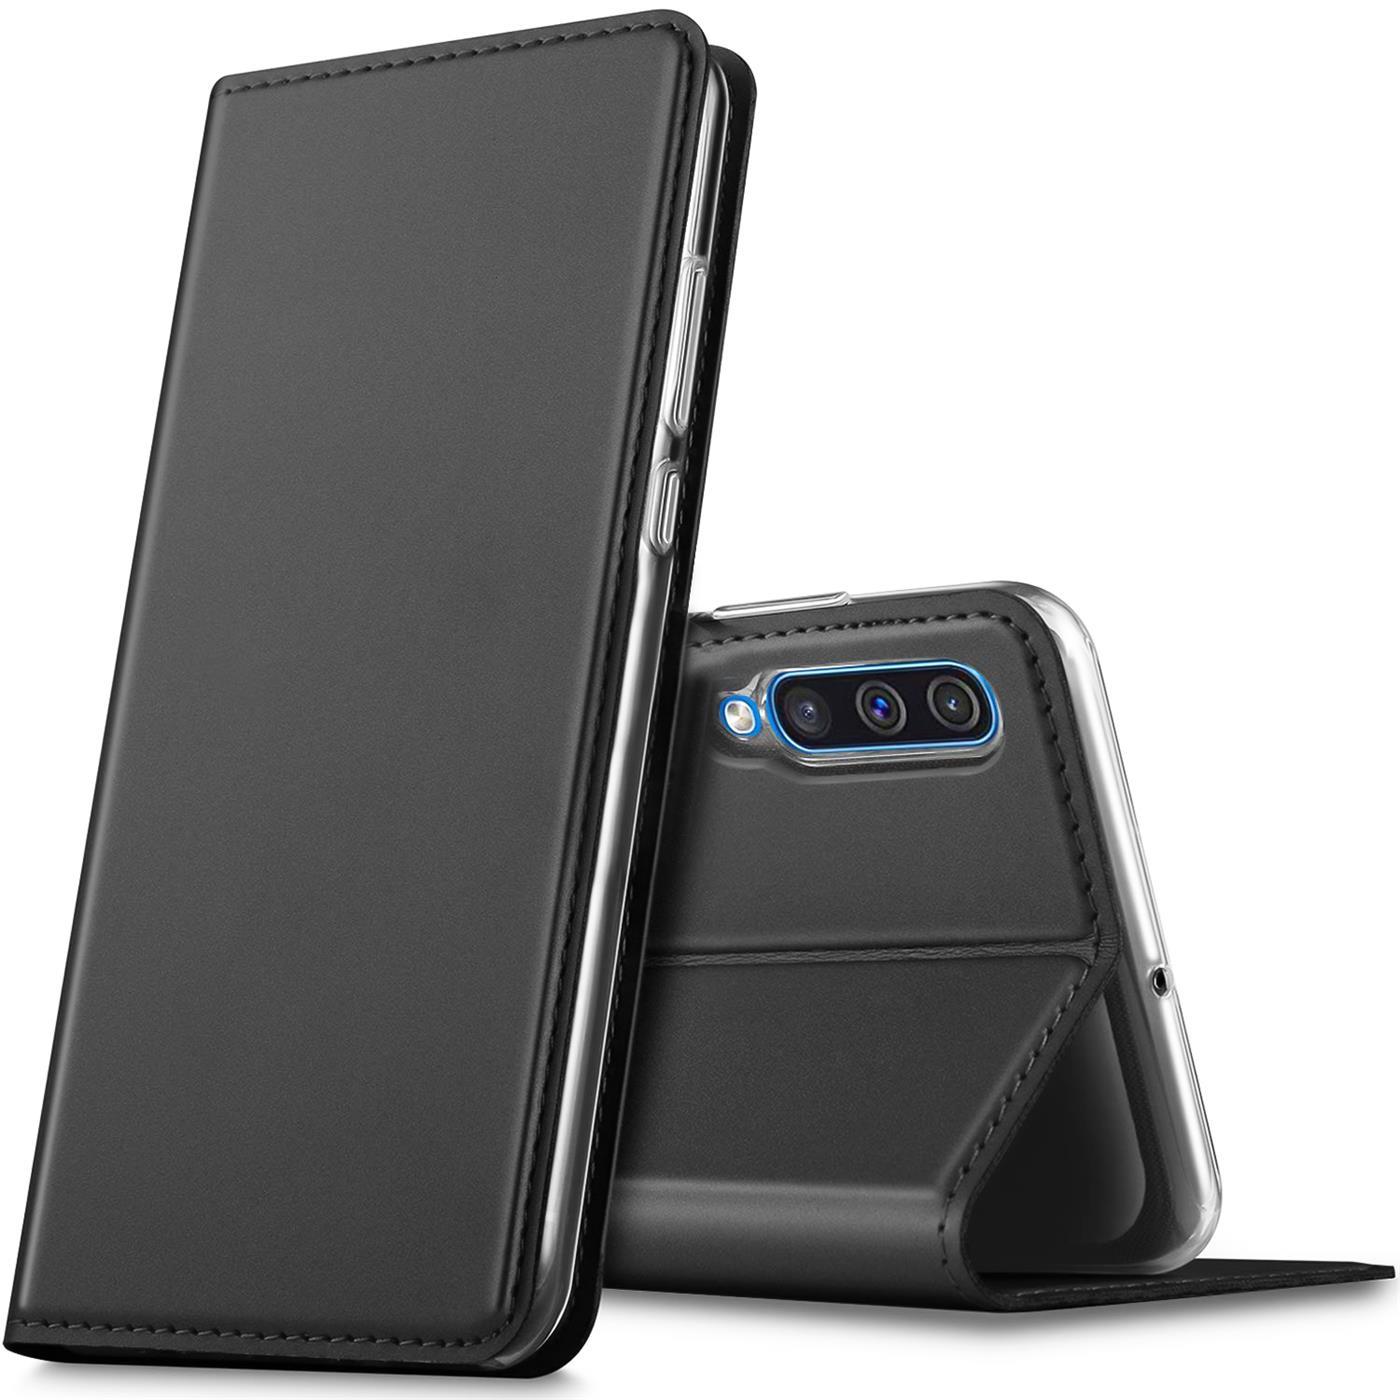 Samsung-Galaxy-A50-Handy-Klapp-Schutz-Huelle-Tasche-Flip-Case-Etui-Schutzhuelle Indexbild 8